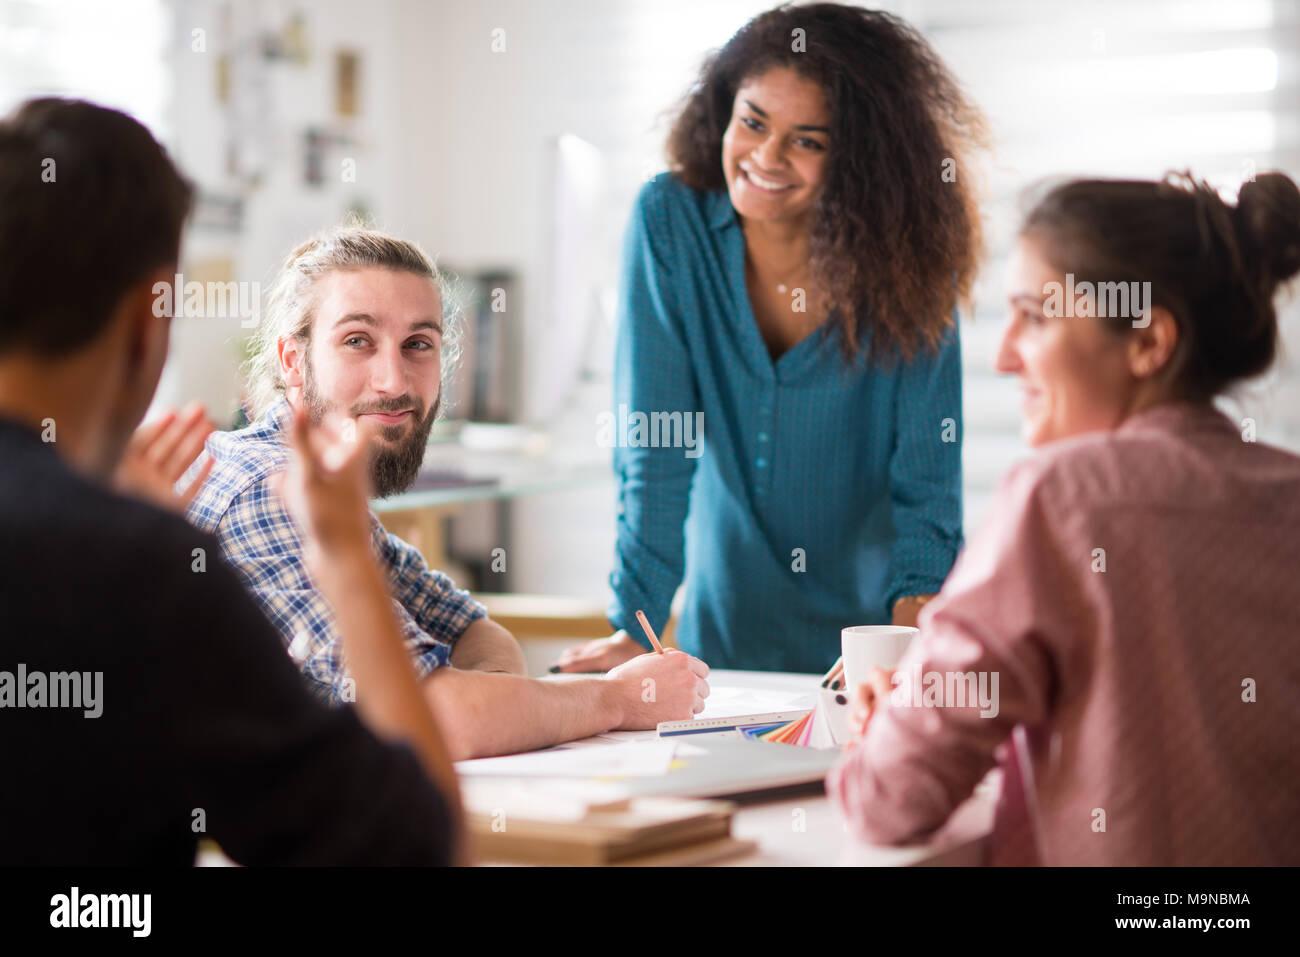 Reunión en la oficina. Una mujer negra de hablar con sus compañeros Imagen De Stock